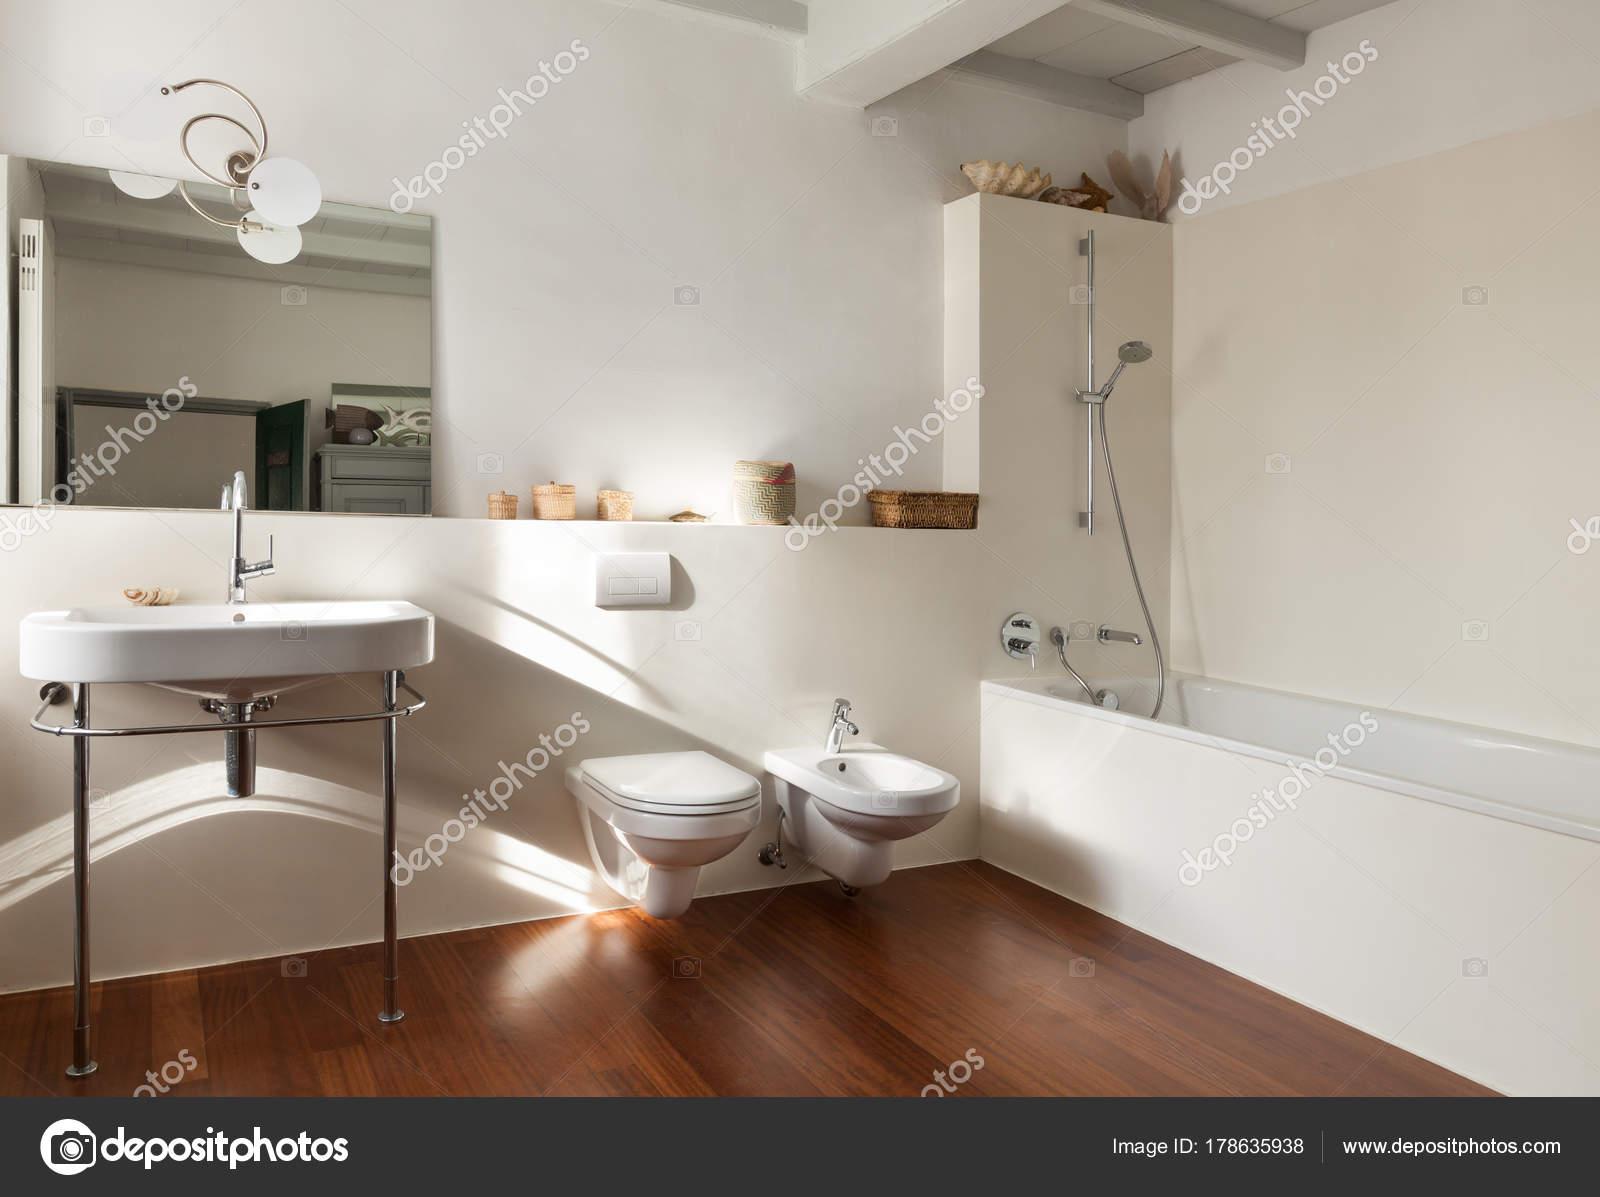 Großartig Schönes Bad Beste Wahl Schönes Bad, Innen Ein Loft — Foto